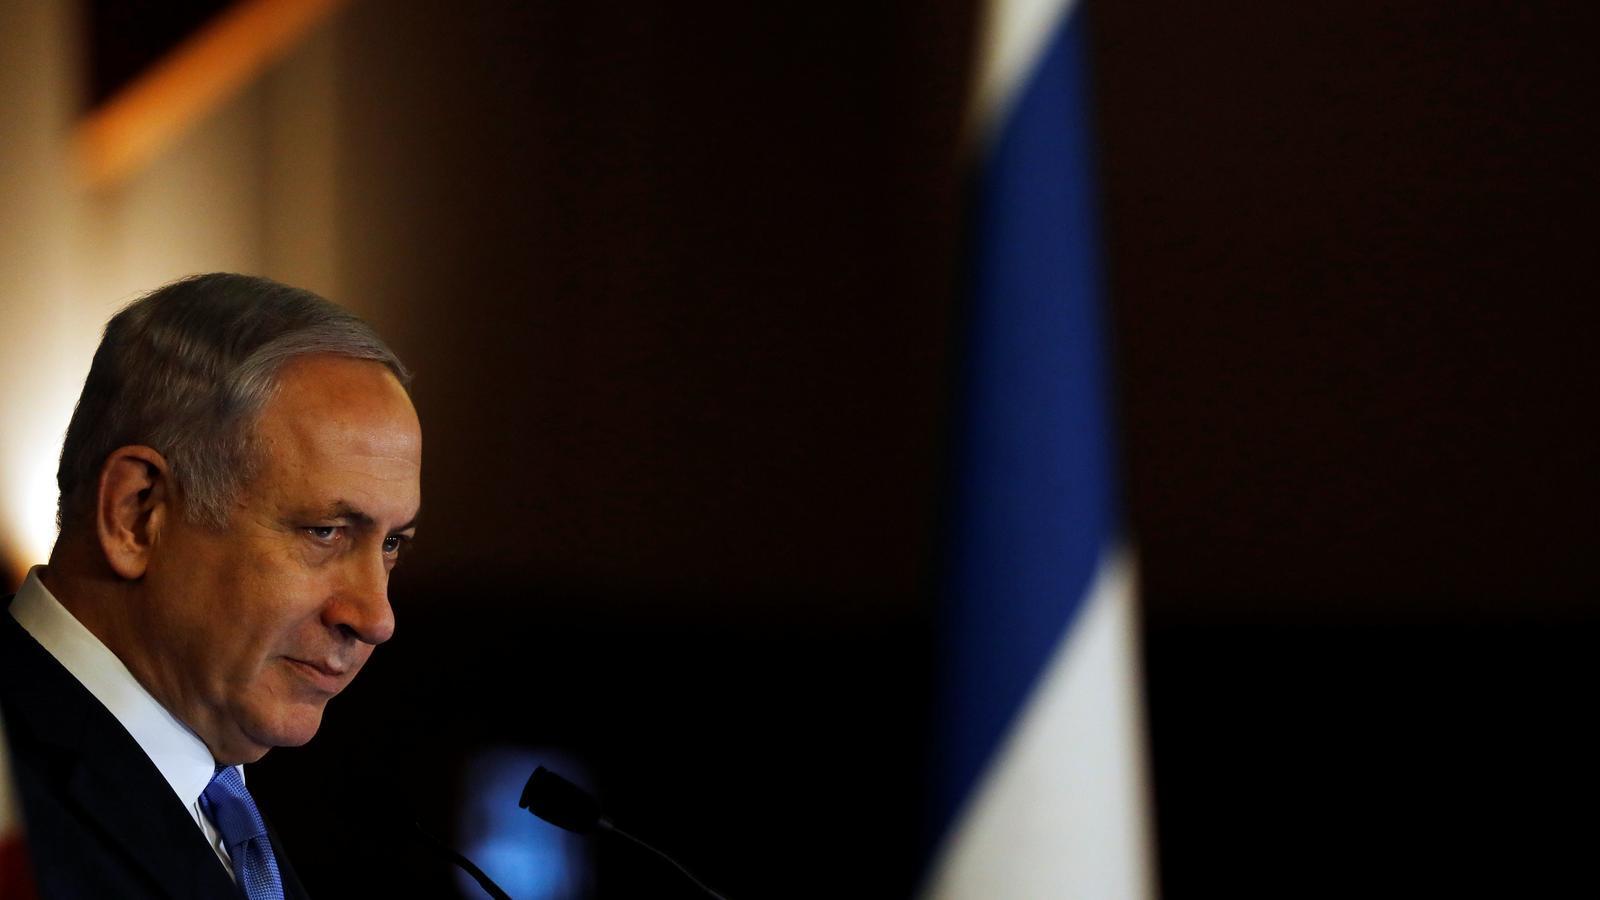 Netanyahu, contra les cordes després de l'enèsim cas de corrupció